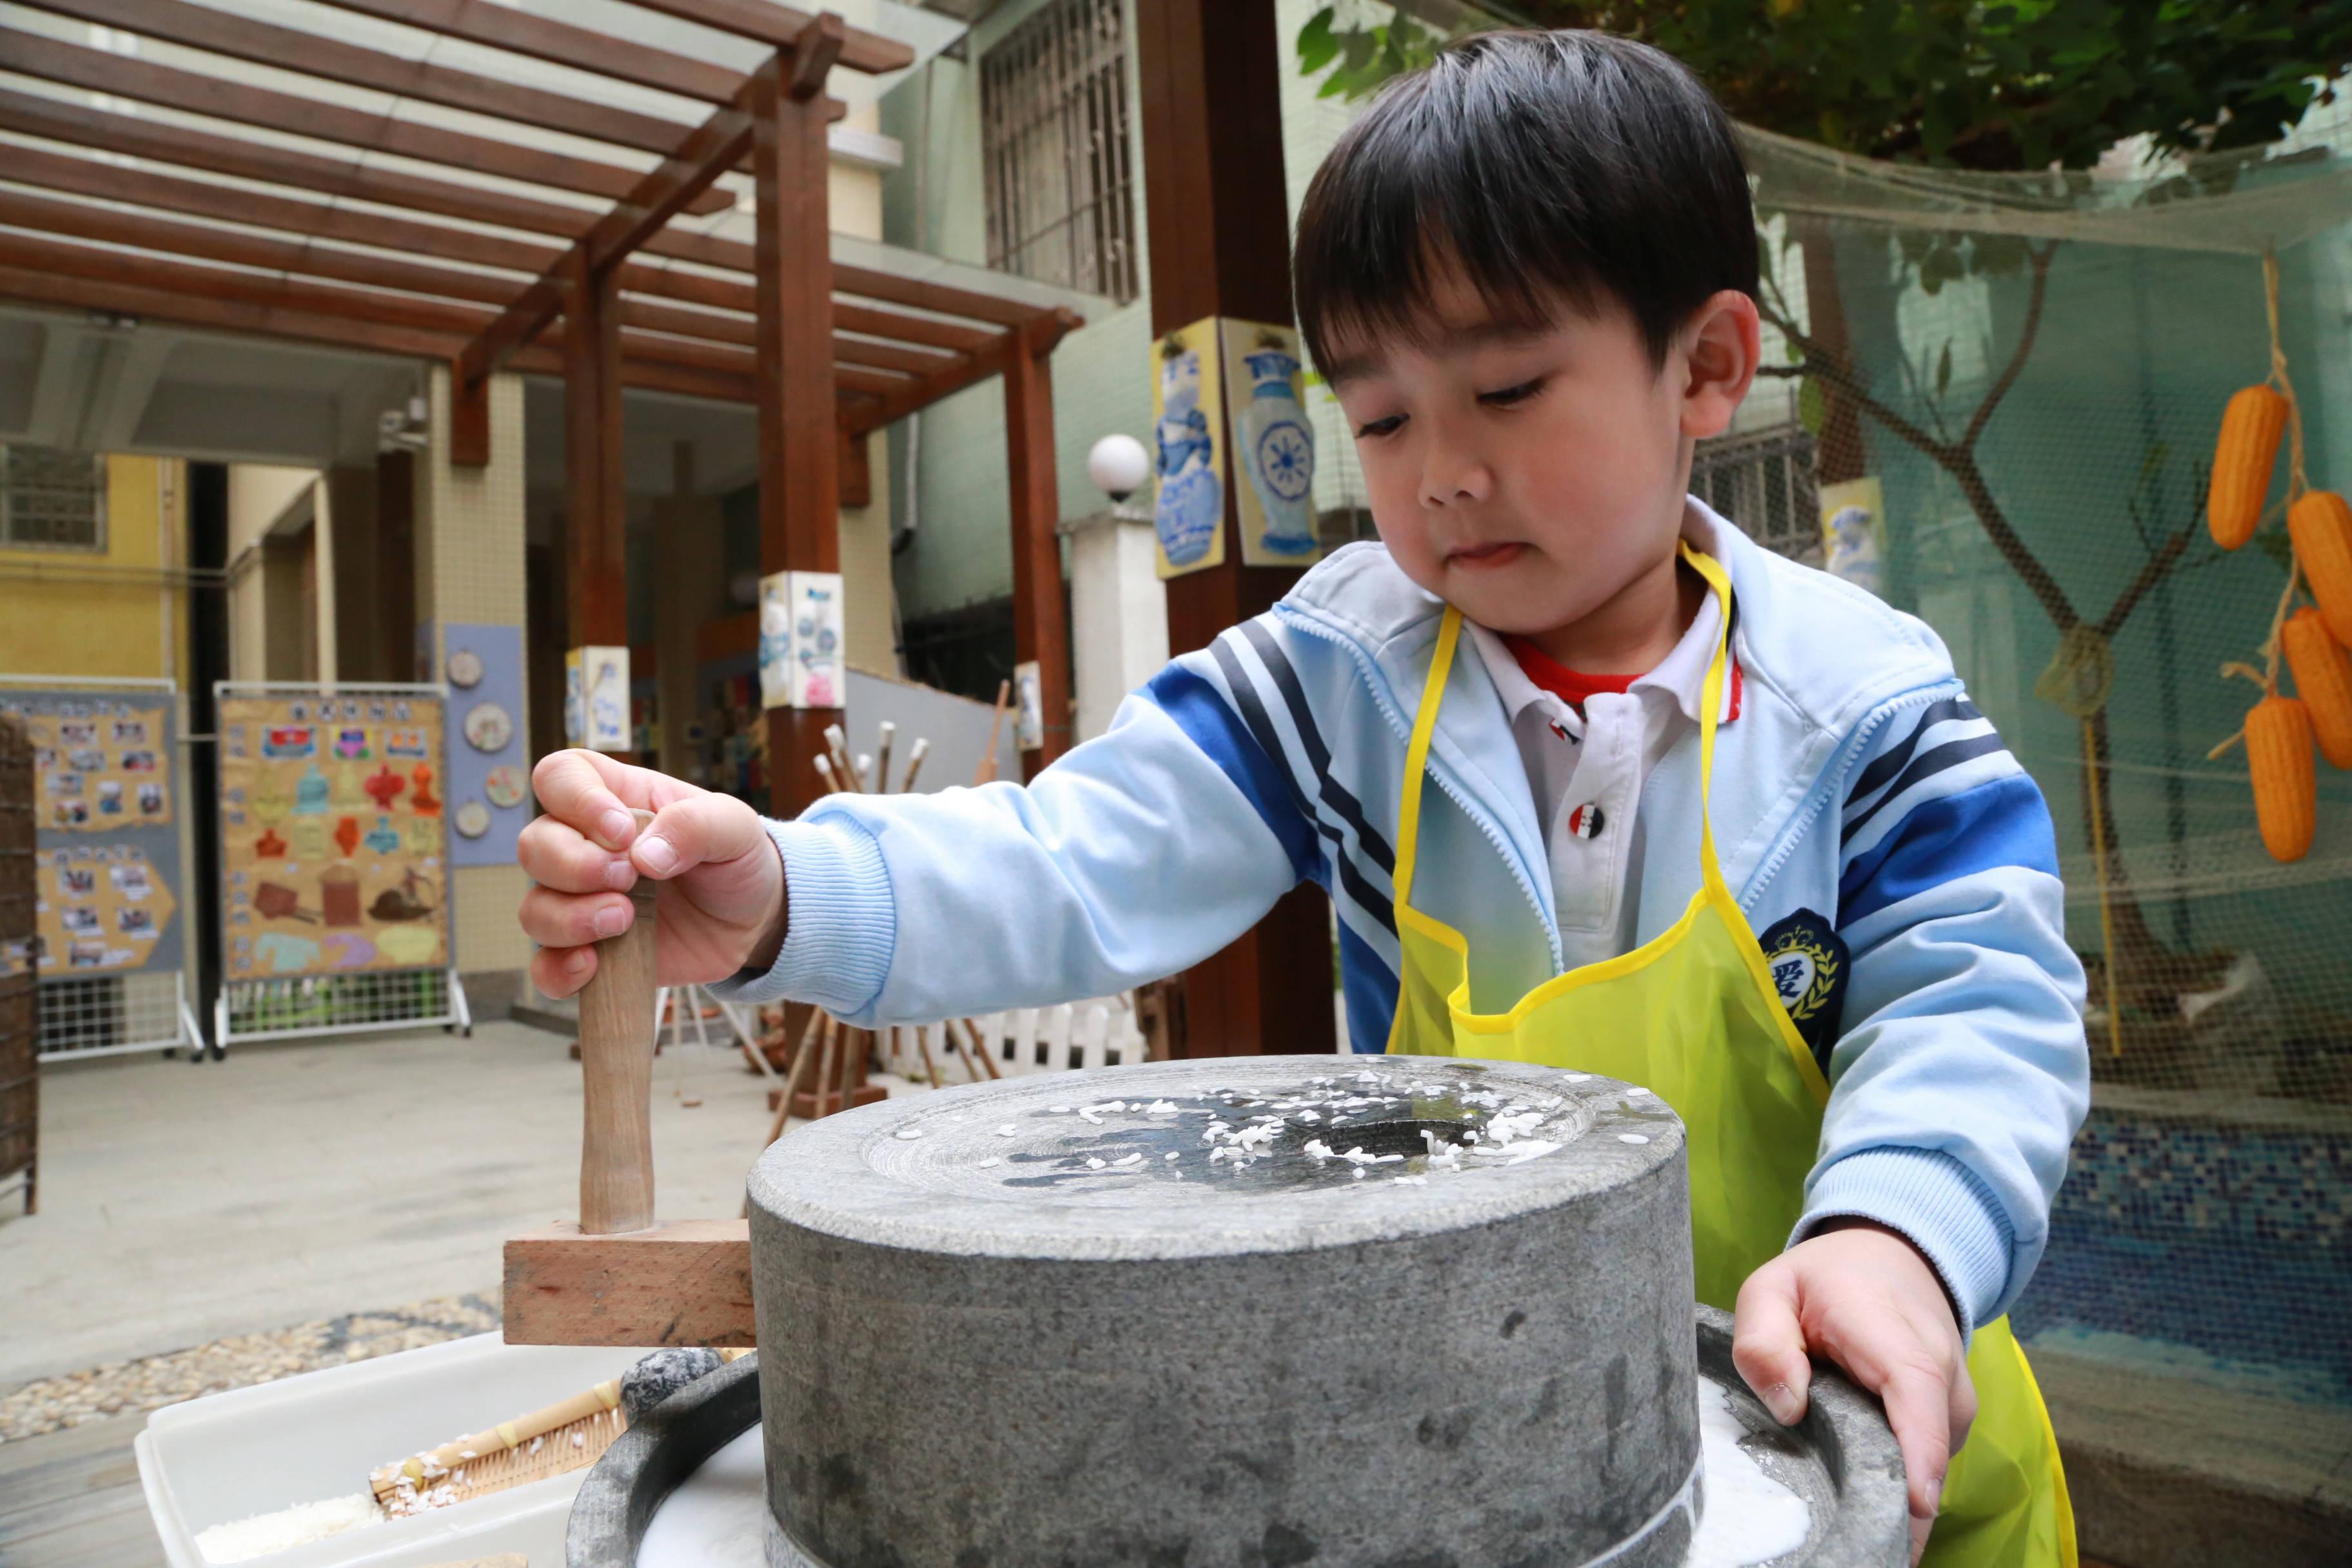 大开眼界!北城幼儿园打造特色课程,岭南文化成果展饱眼福